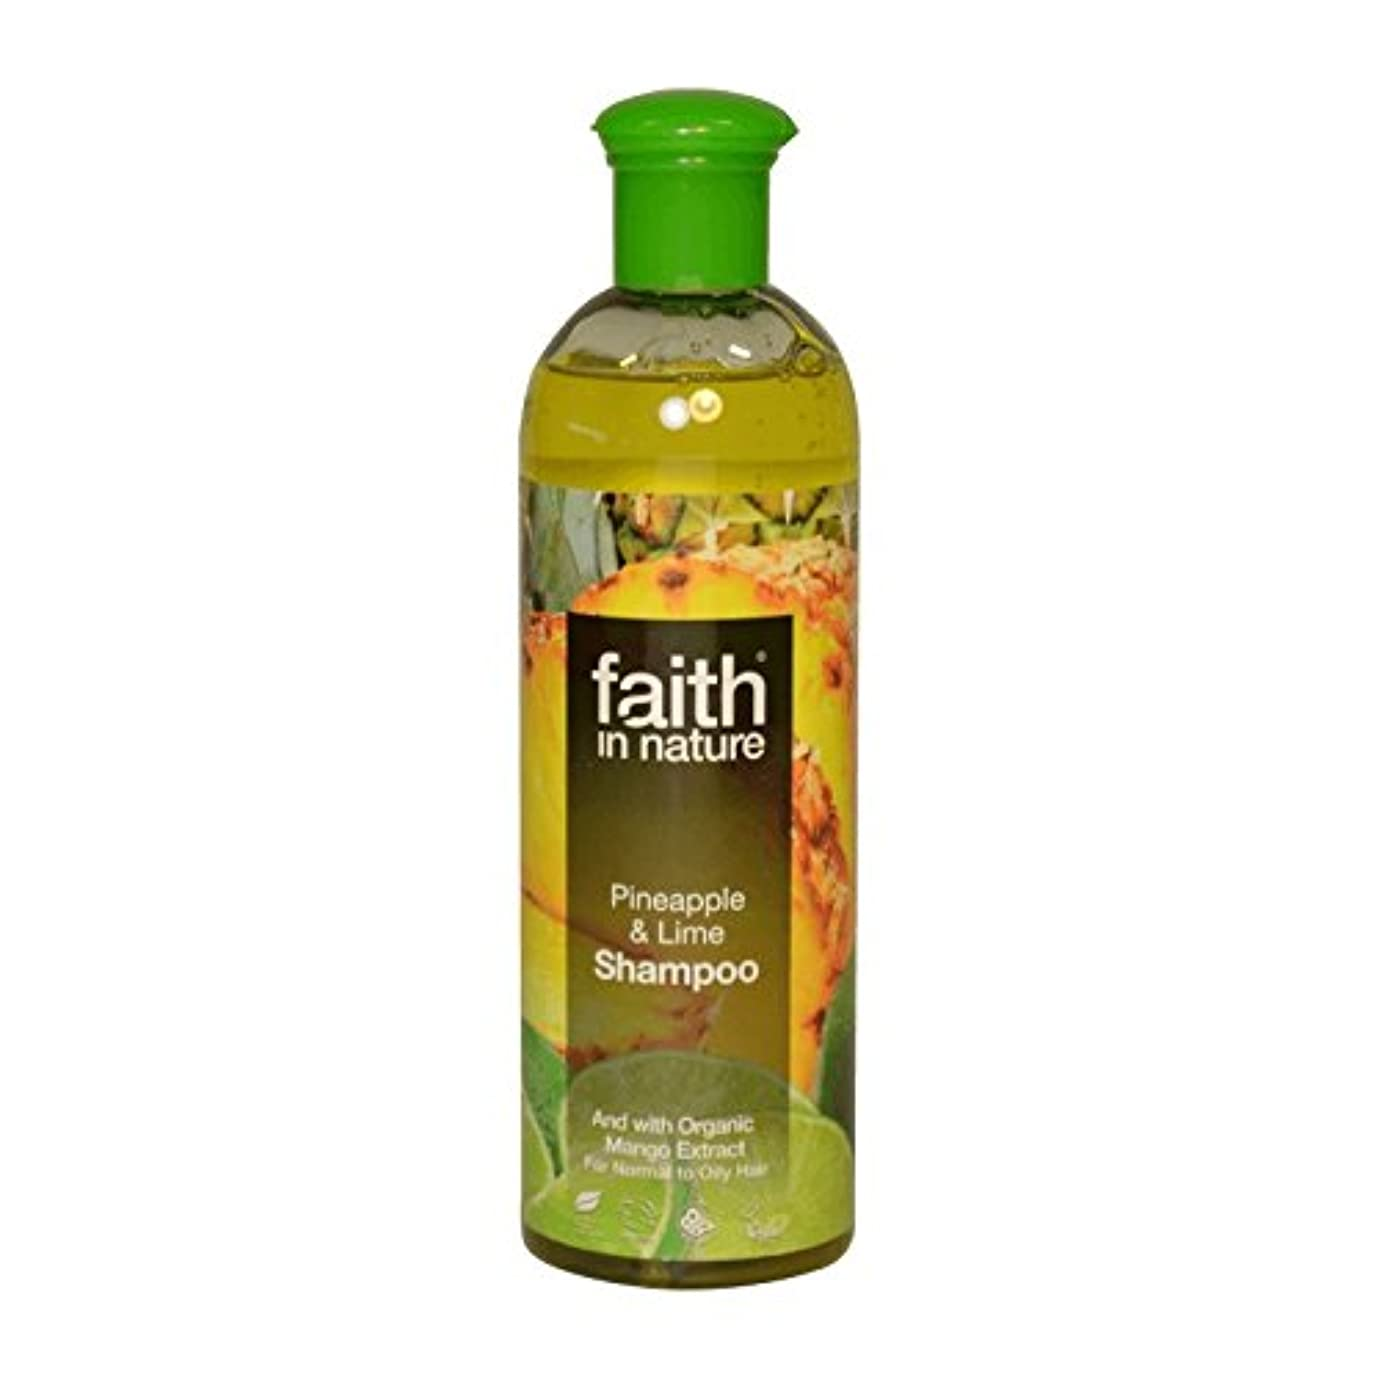 問い合わせマスク飼い慣らすFaith in Nature Pineapple & Lime Shampoo 400ml (Pack of 2) - 自然パイナップル&ライムシャンプー400ミリリットルの信仰 (x2) [並行輸入品]